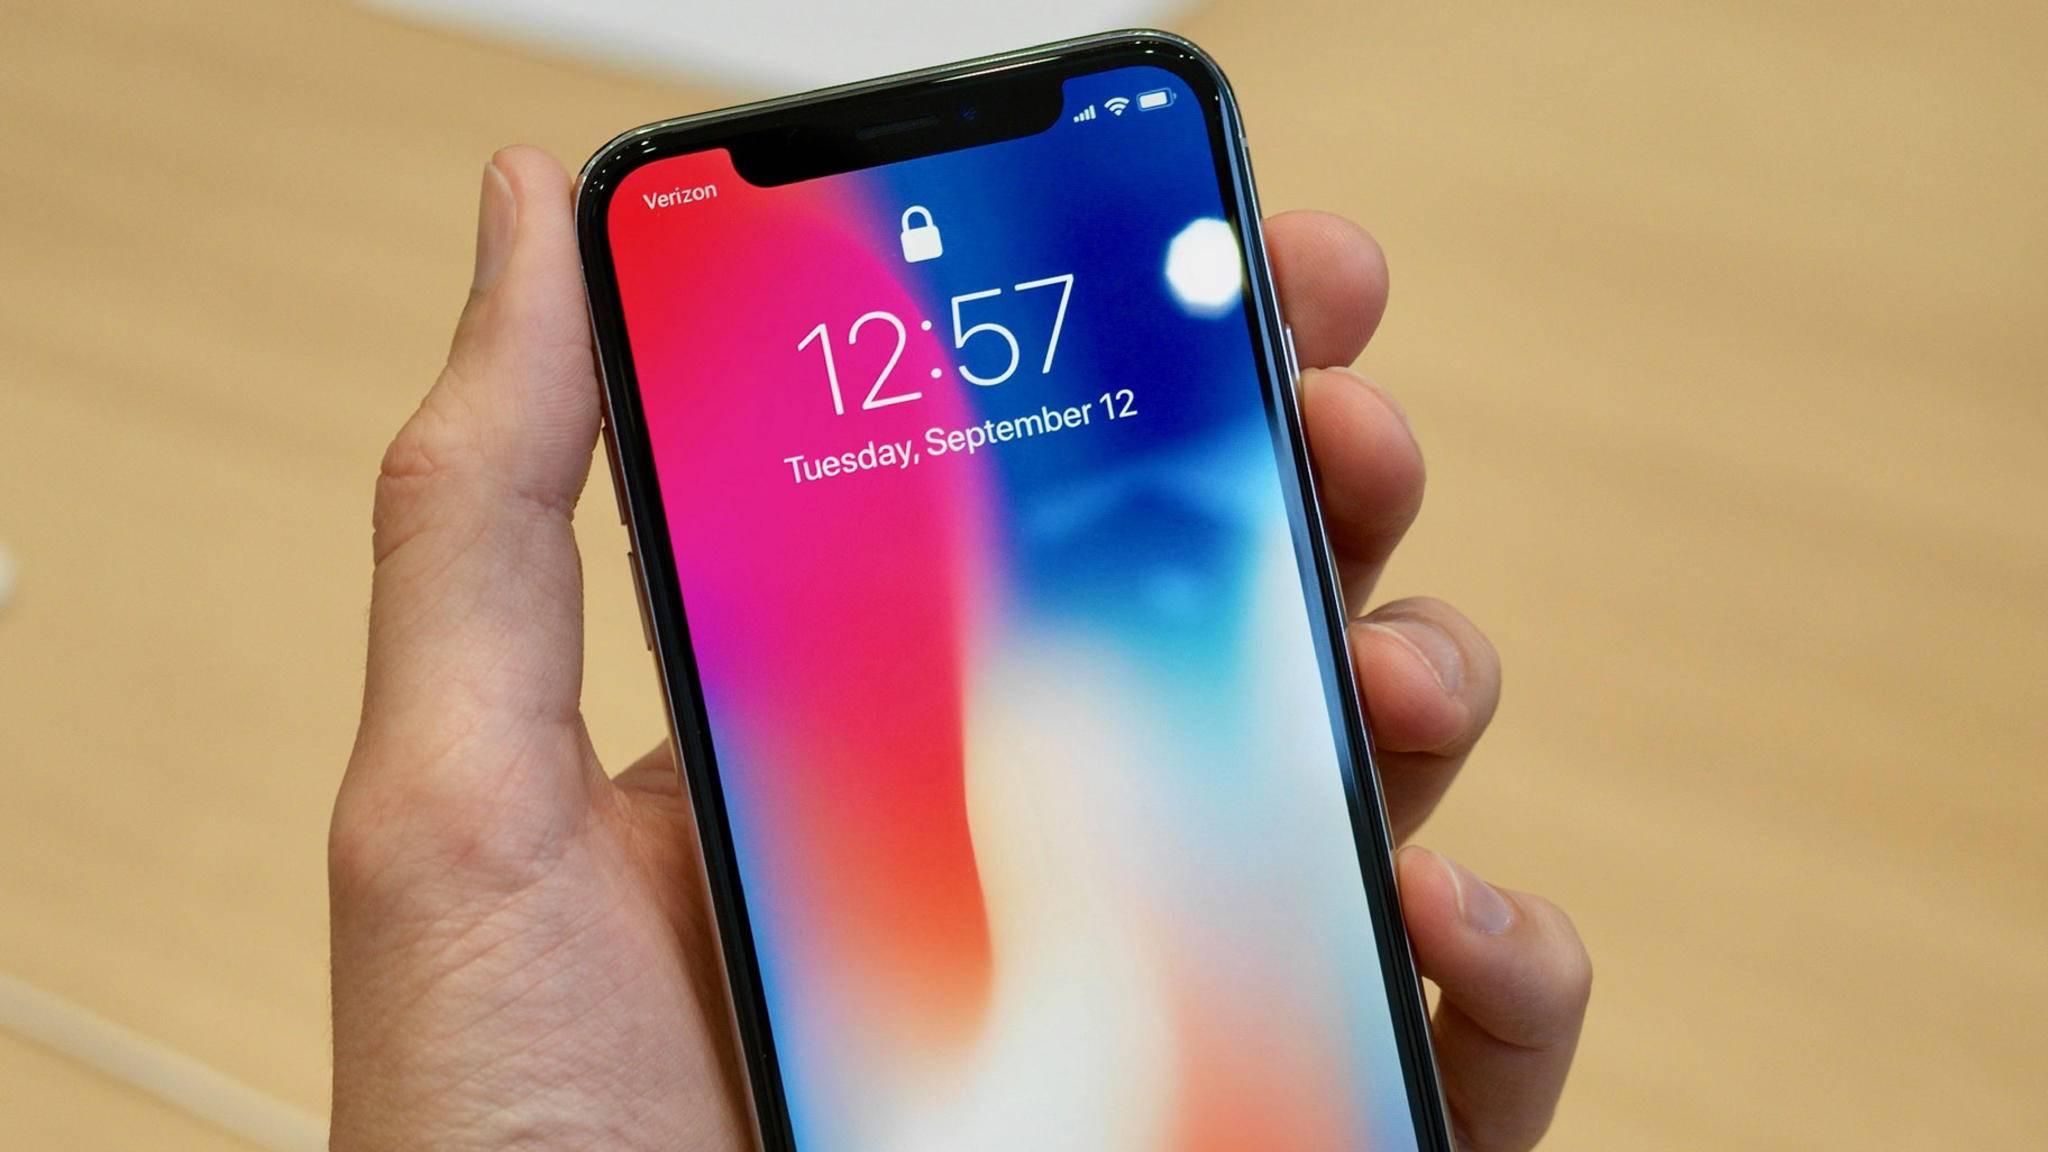 Die Screen-to-Body-Ratio des iPhone X weiß zu beeindrucken.